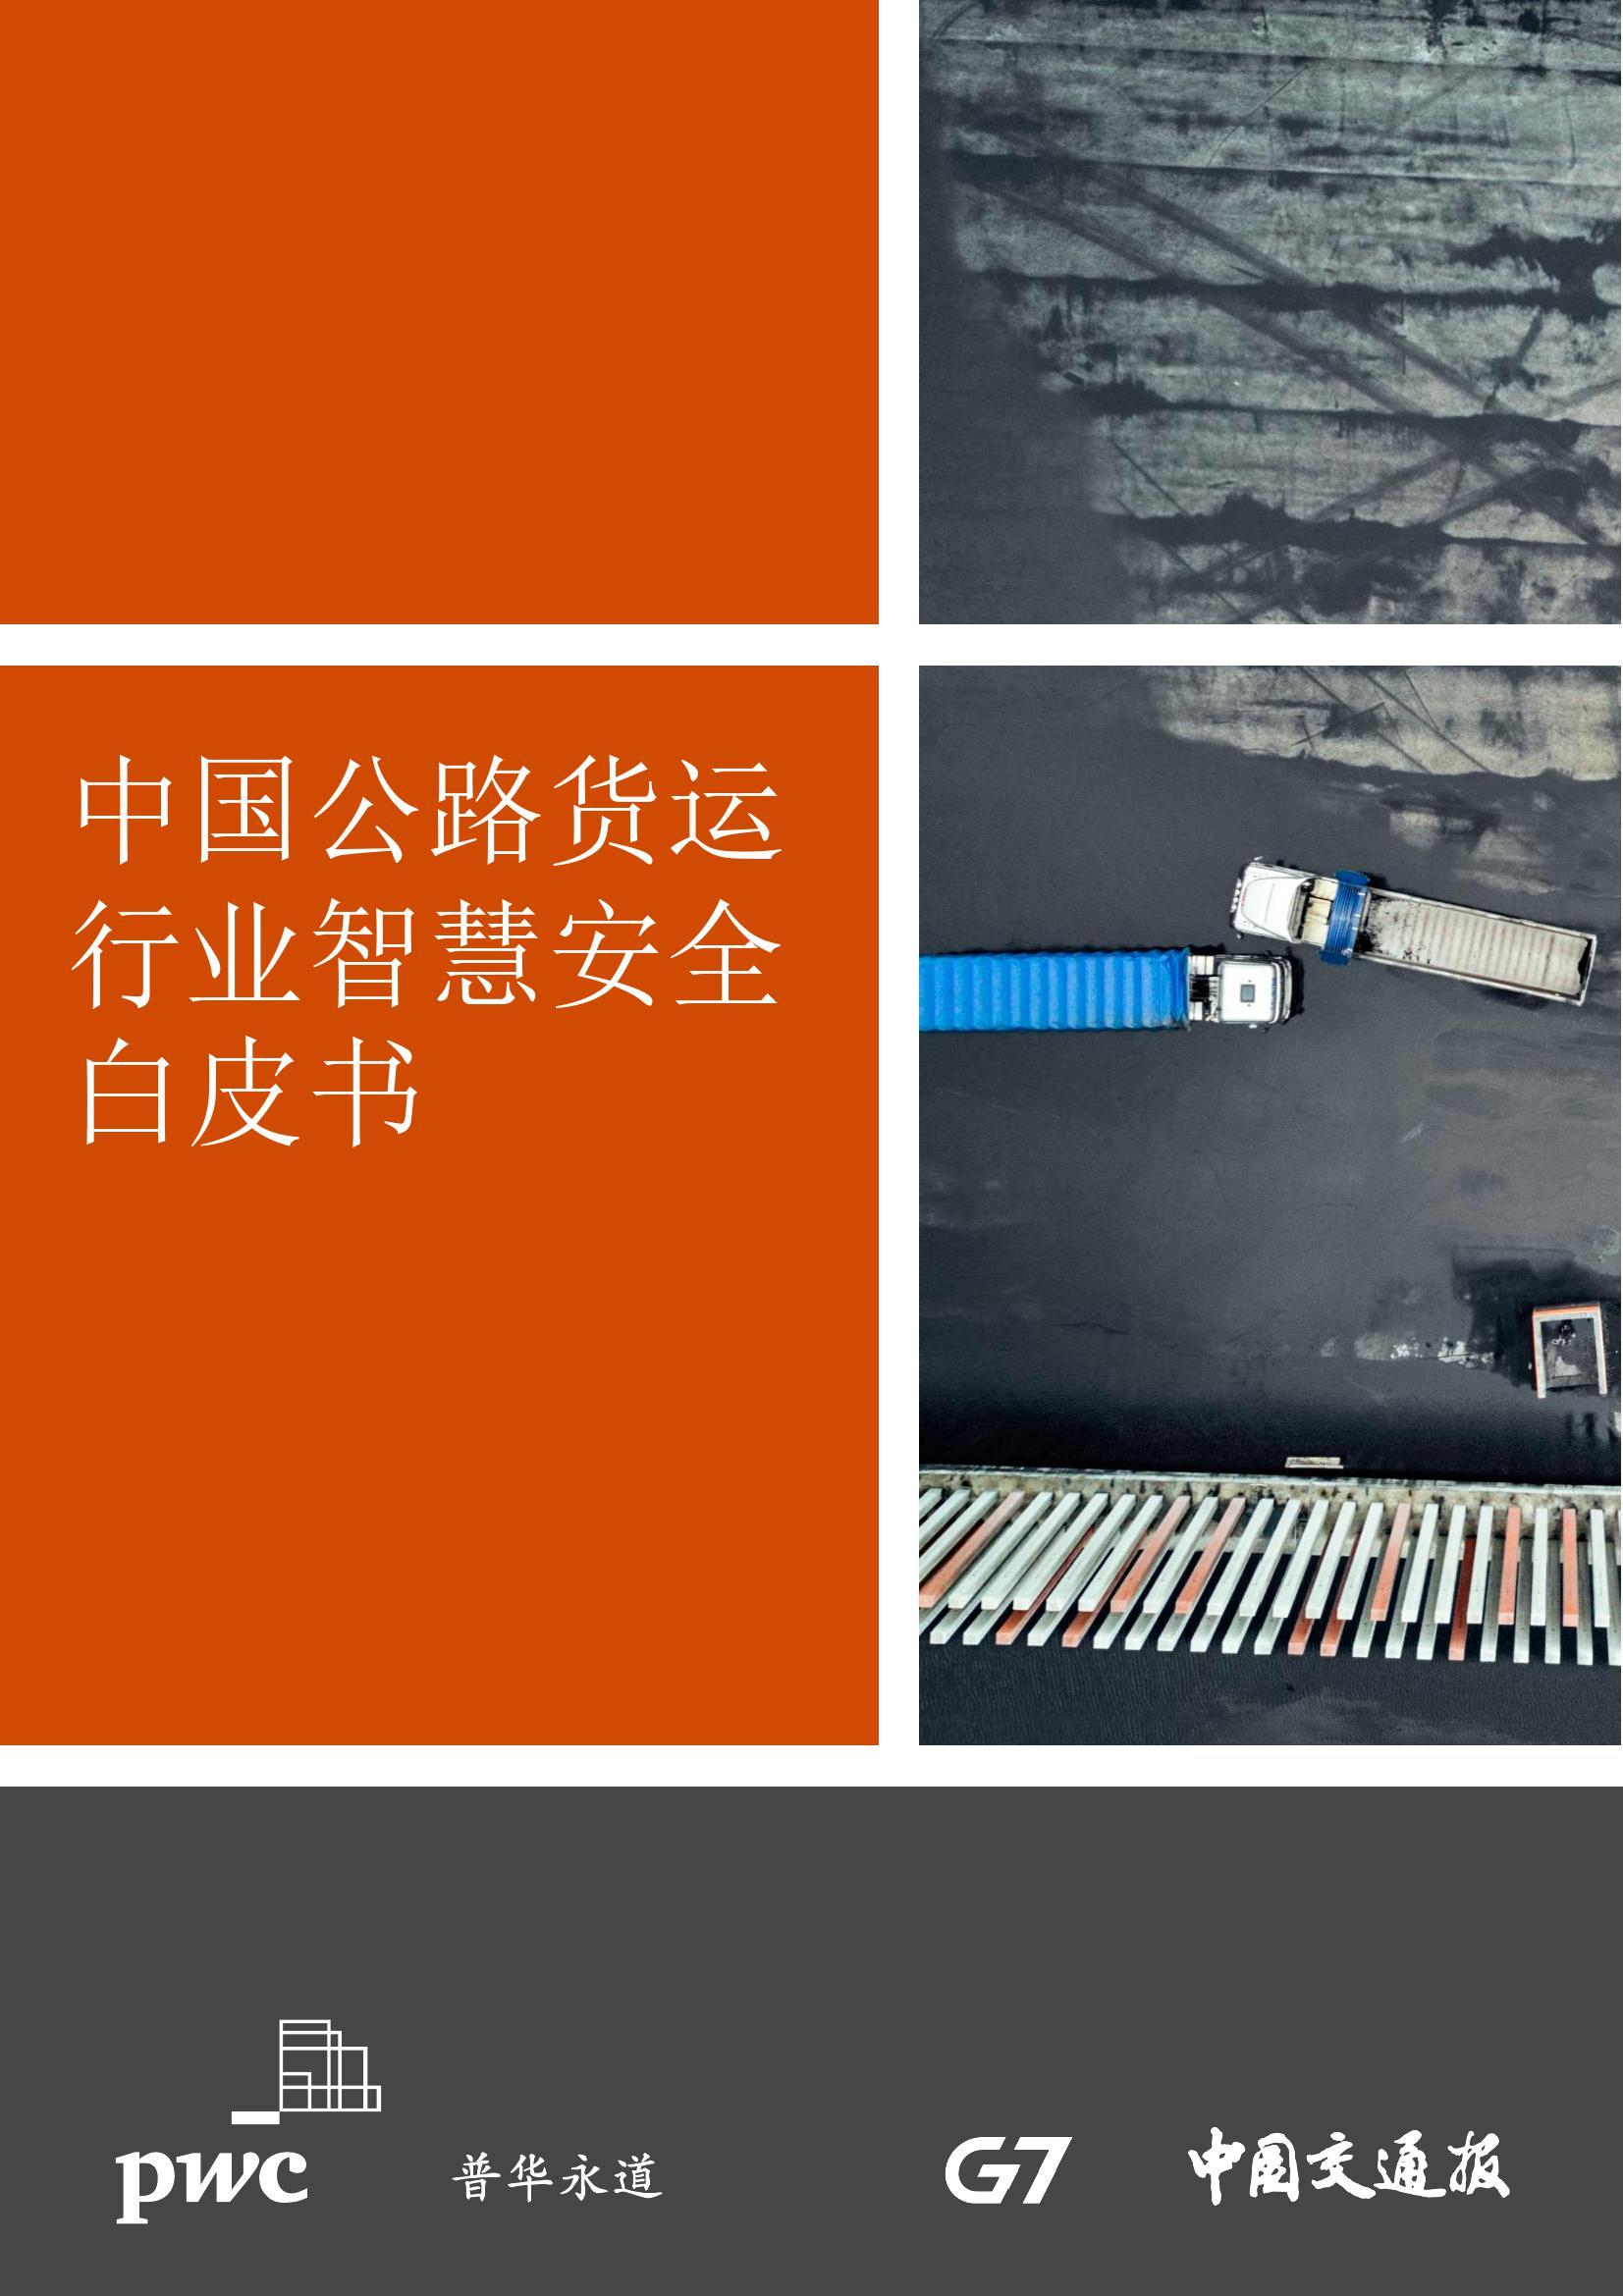 普华永道:中国公路货运行业智慧安全白皮书